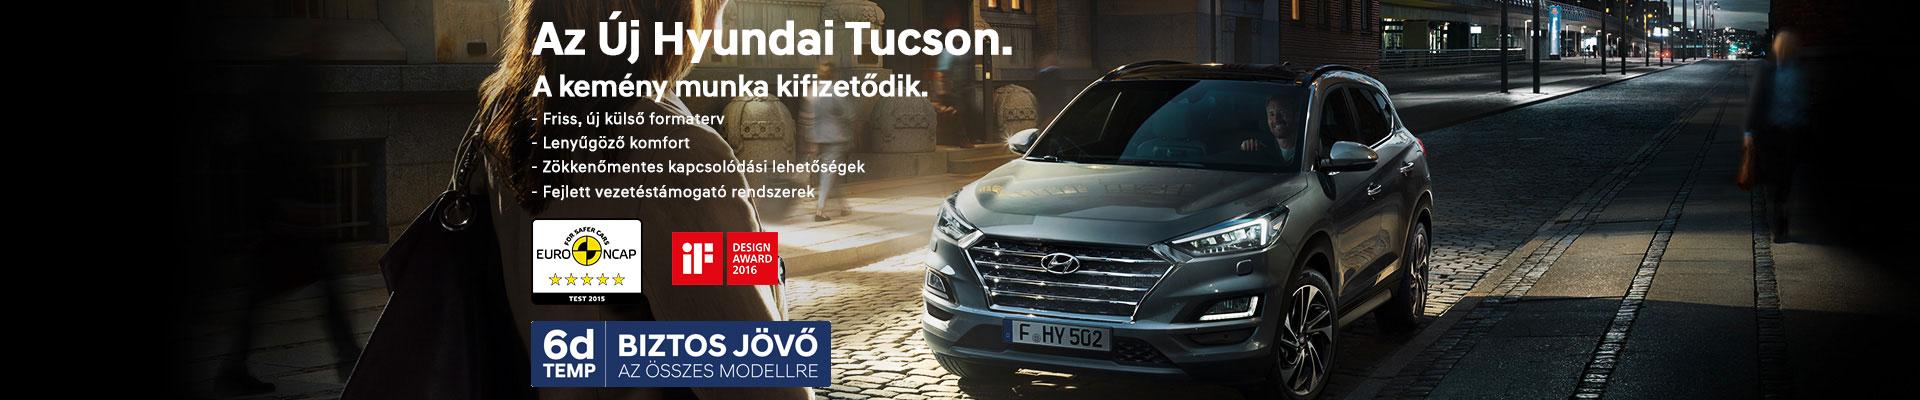 Az új Hyundai Tucson. A kemény munka kifizetődik.